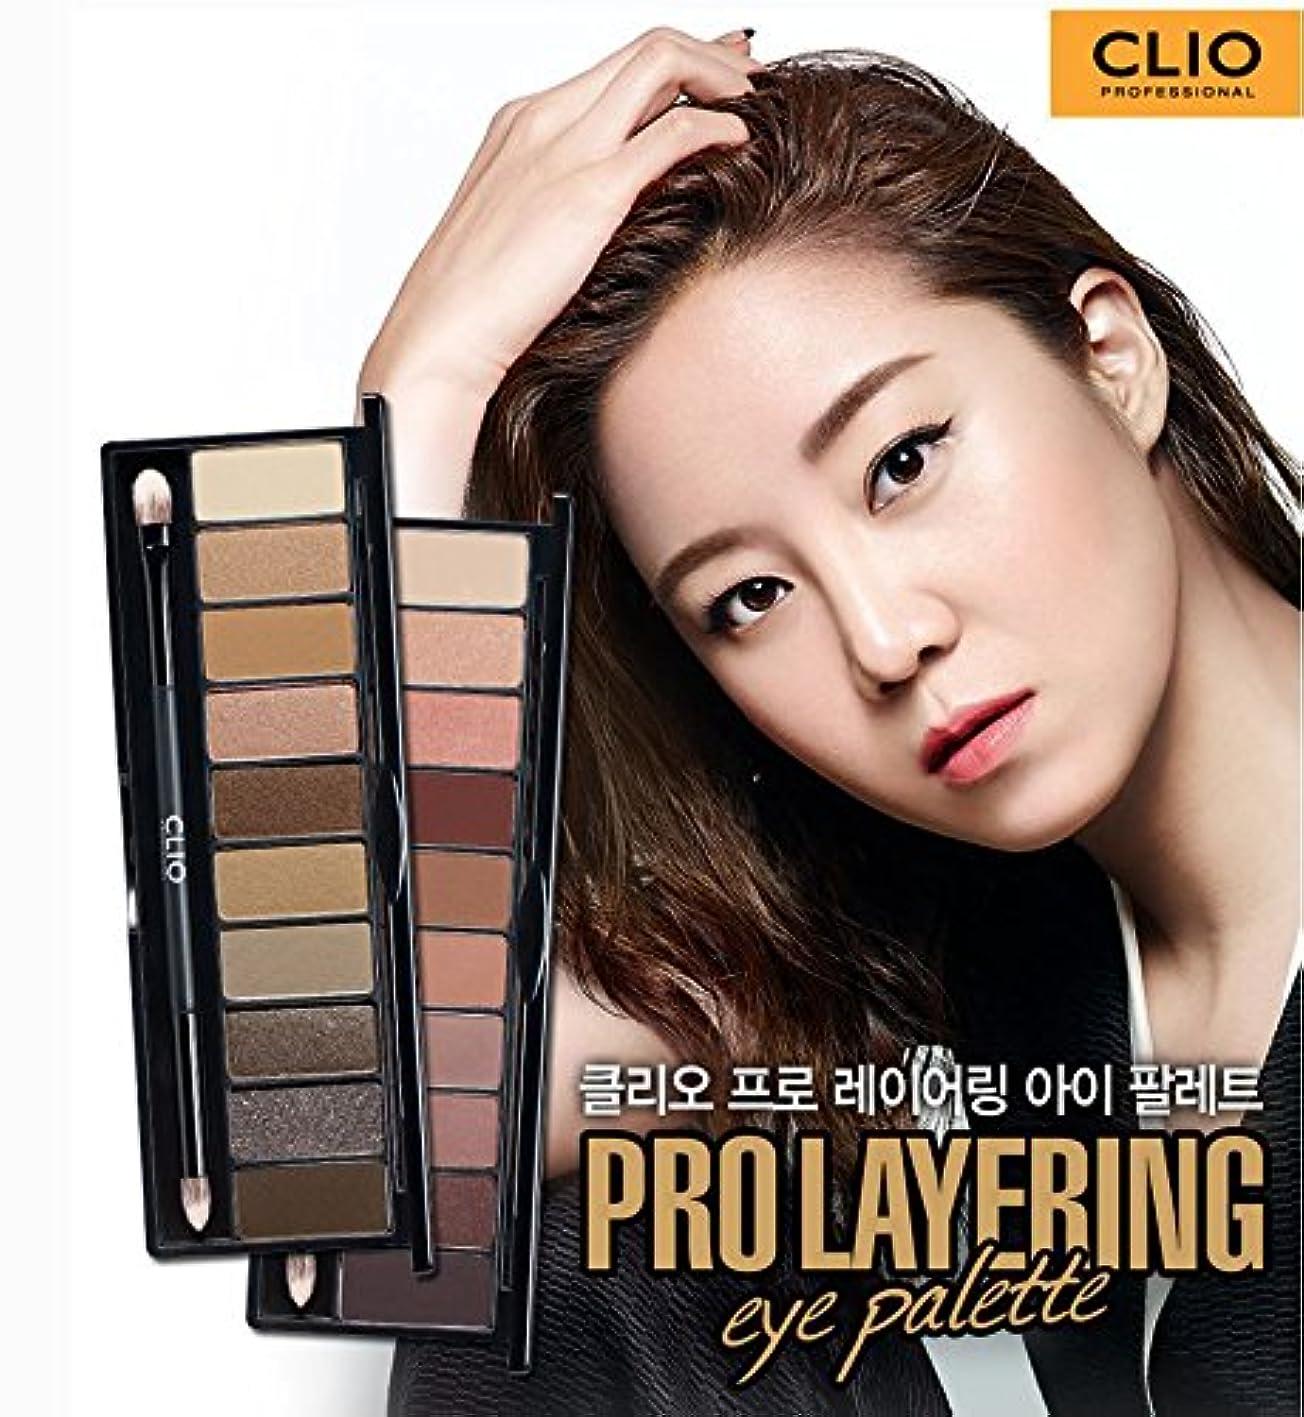 カロリー捧げるドアミラーClio Eye Shadow 10Colors Pro Layering Eye Palette Makeup/[韓国コスメ CLIO] プロ レイヤーリング アイ?パレット (#2 Handcraft) [並行輸入品]